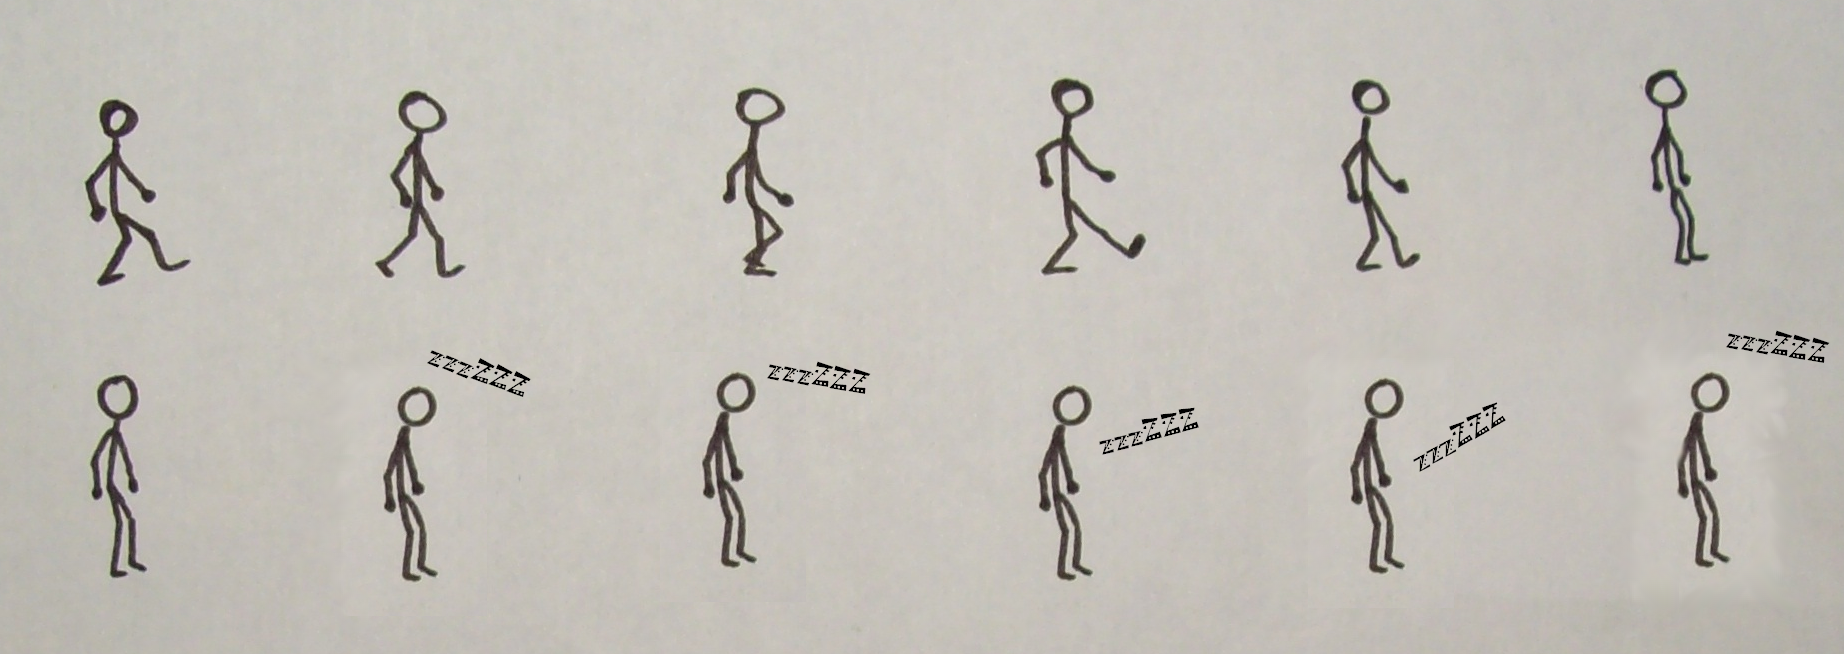 Un bonhomme marche, s'arrête puis s'endort debout.